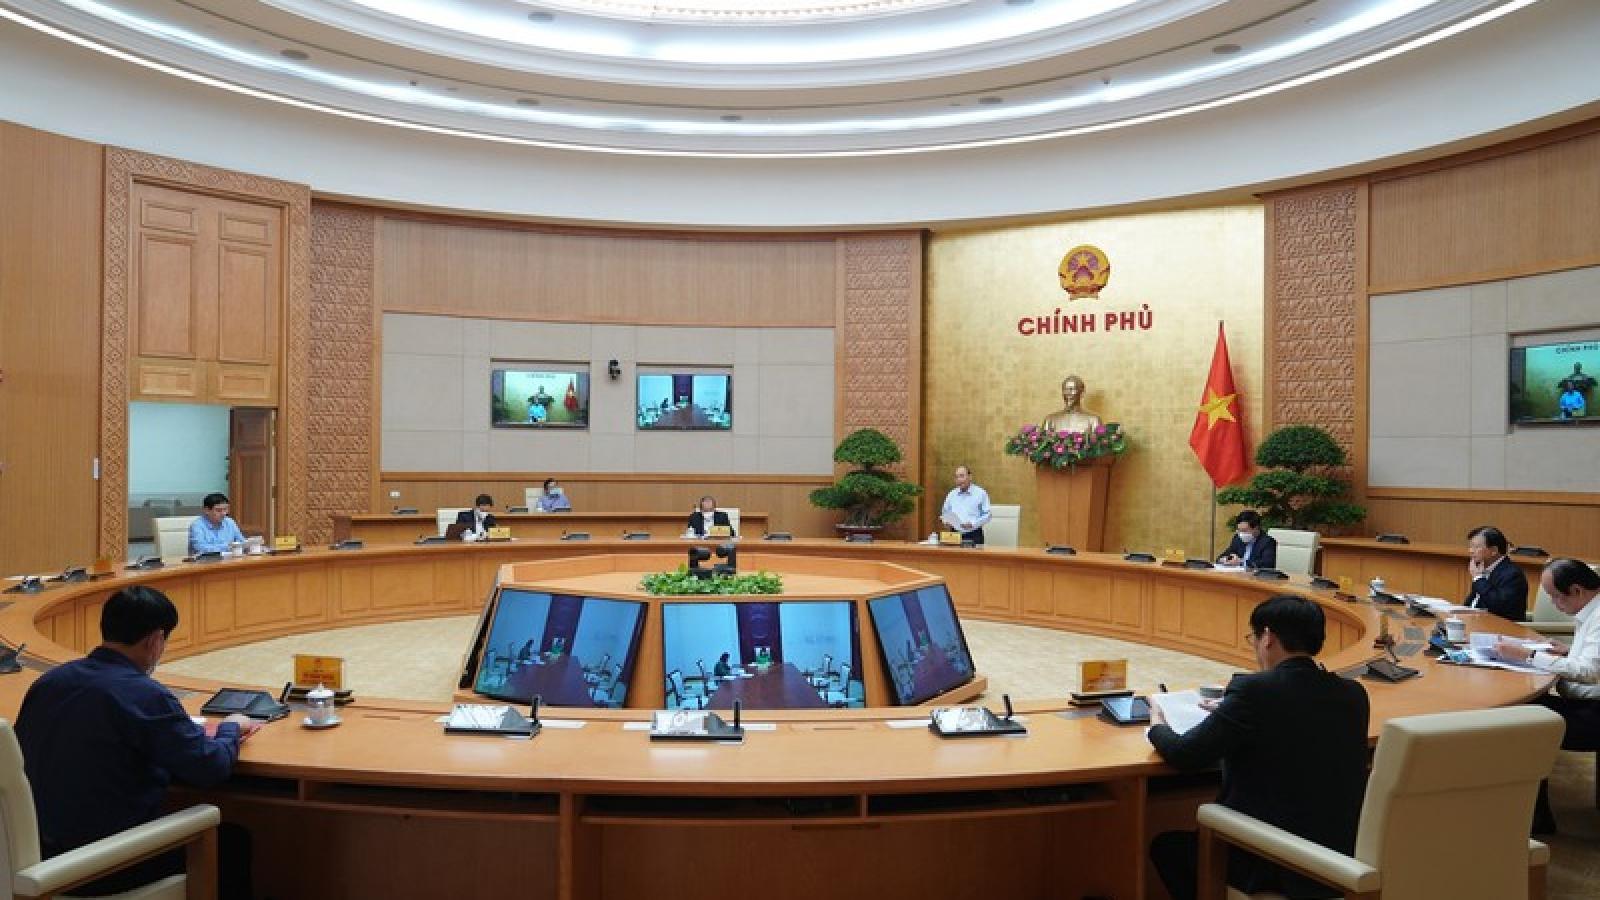 Việt Nam sẽ chủ động xét nghiệm Covid-19, không cần mua thêm máy móc